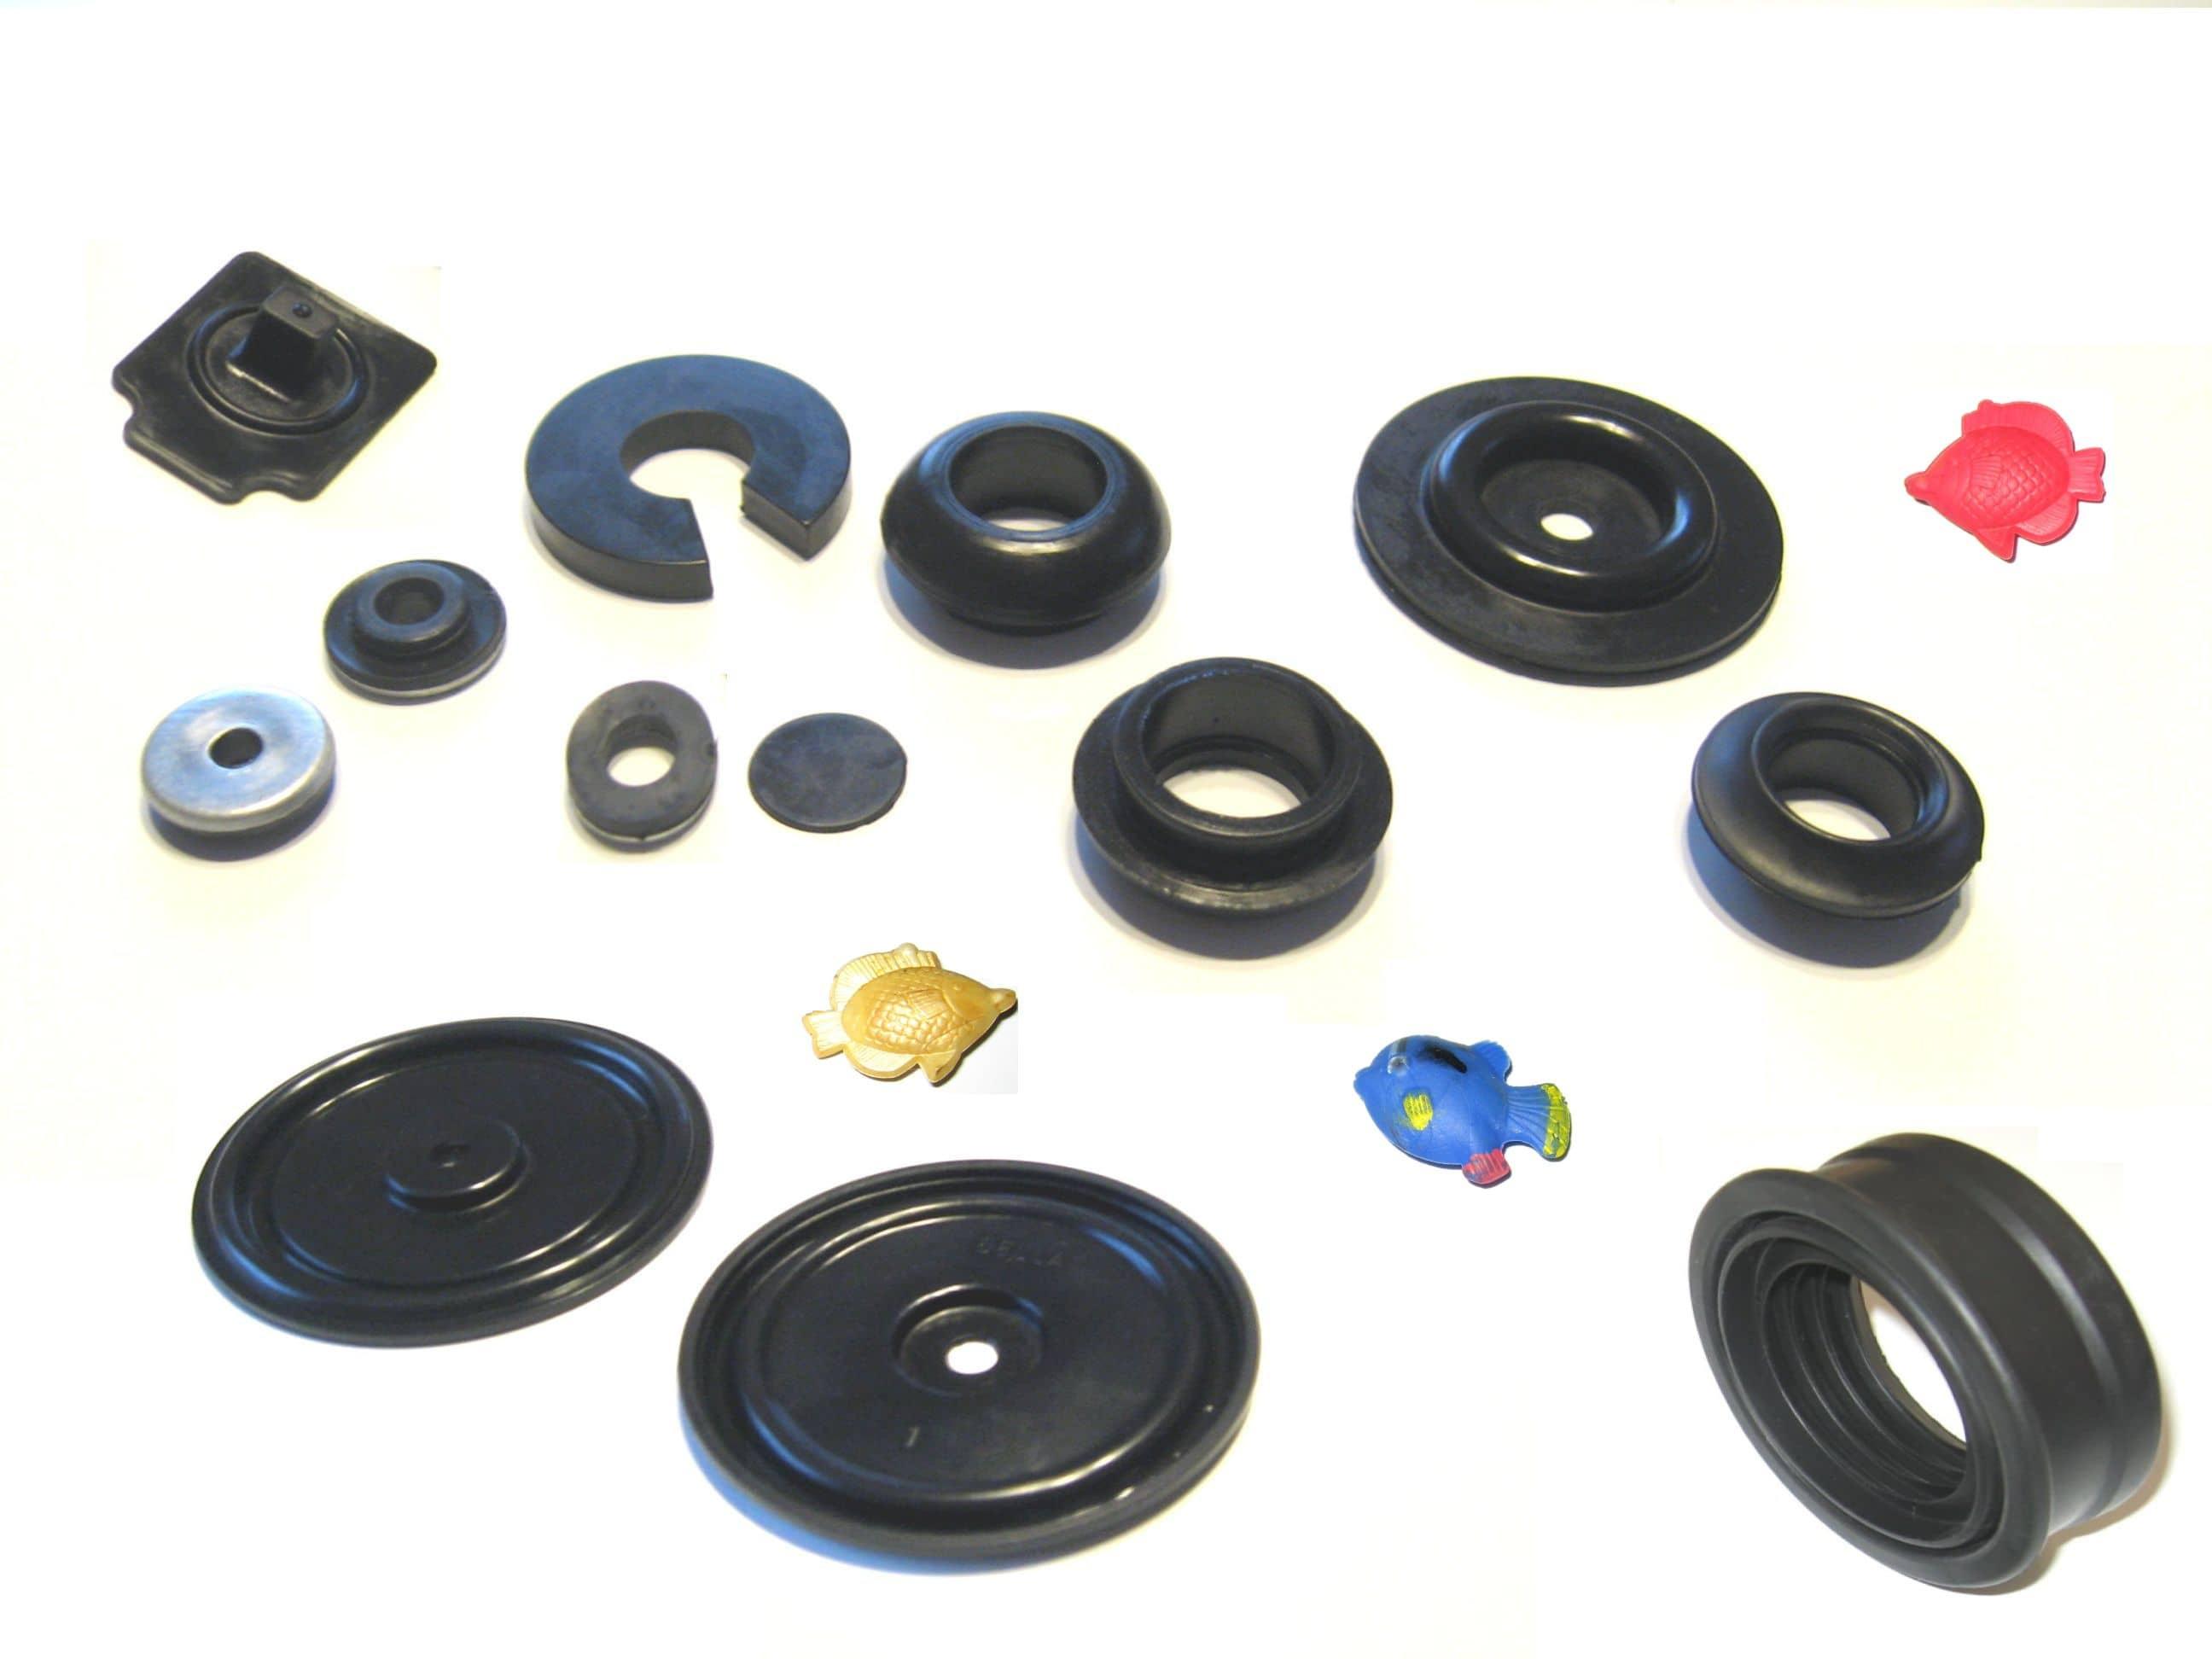 20. uszczelki, membrany, wkładki, podkładki, wyroby łączone gumowo-metalowe, rybki jako elementy do zabawek, produktów dekoracyjnych